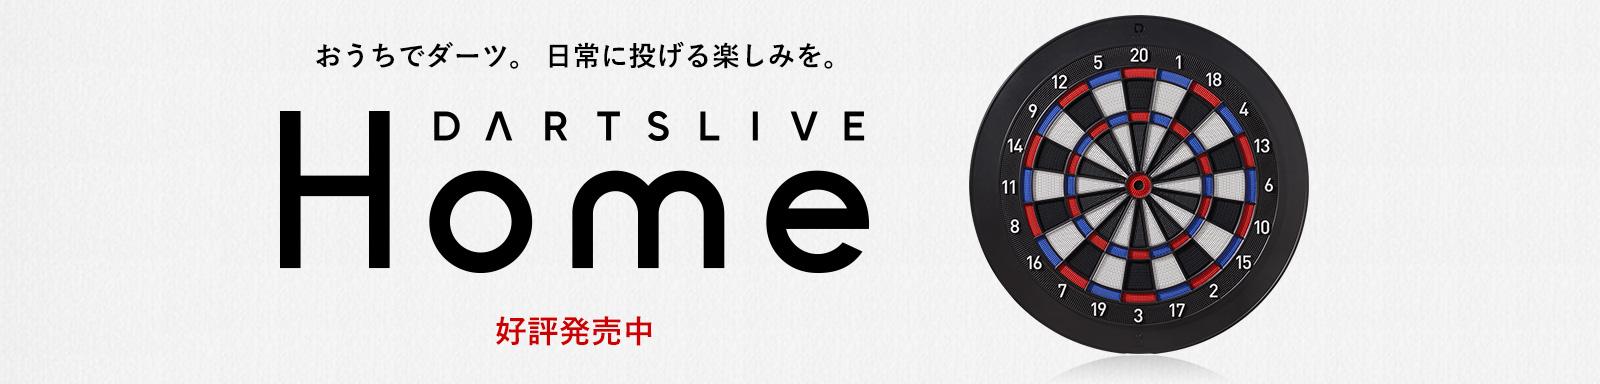 ビリヤード キューケース AD20-24BK